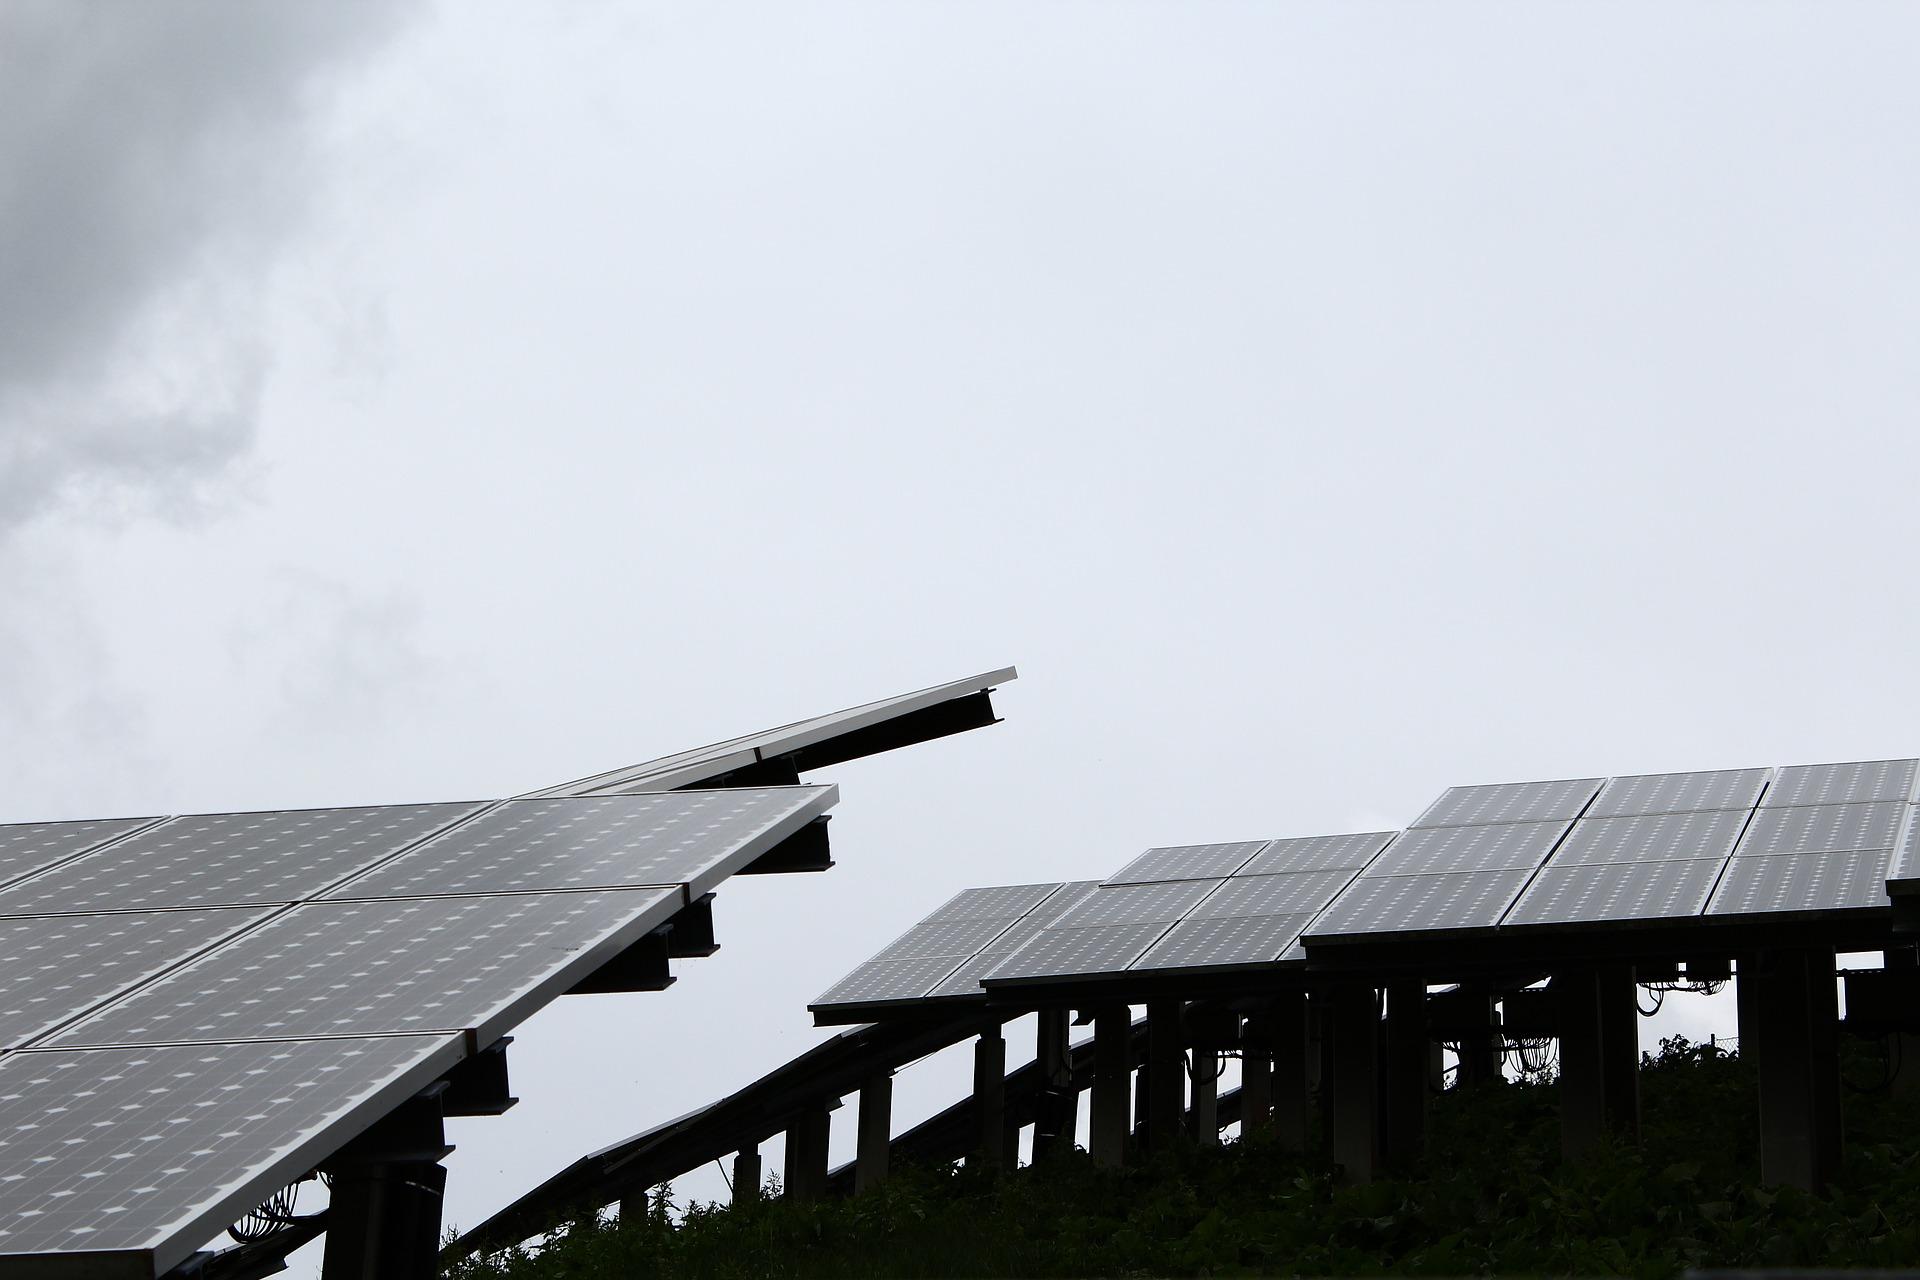 gironde ouverture debat public parc photovoltaique horizeo - L'Energeek